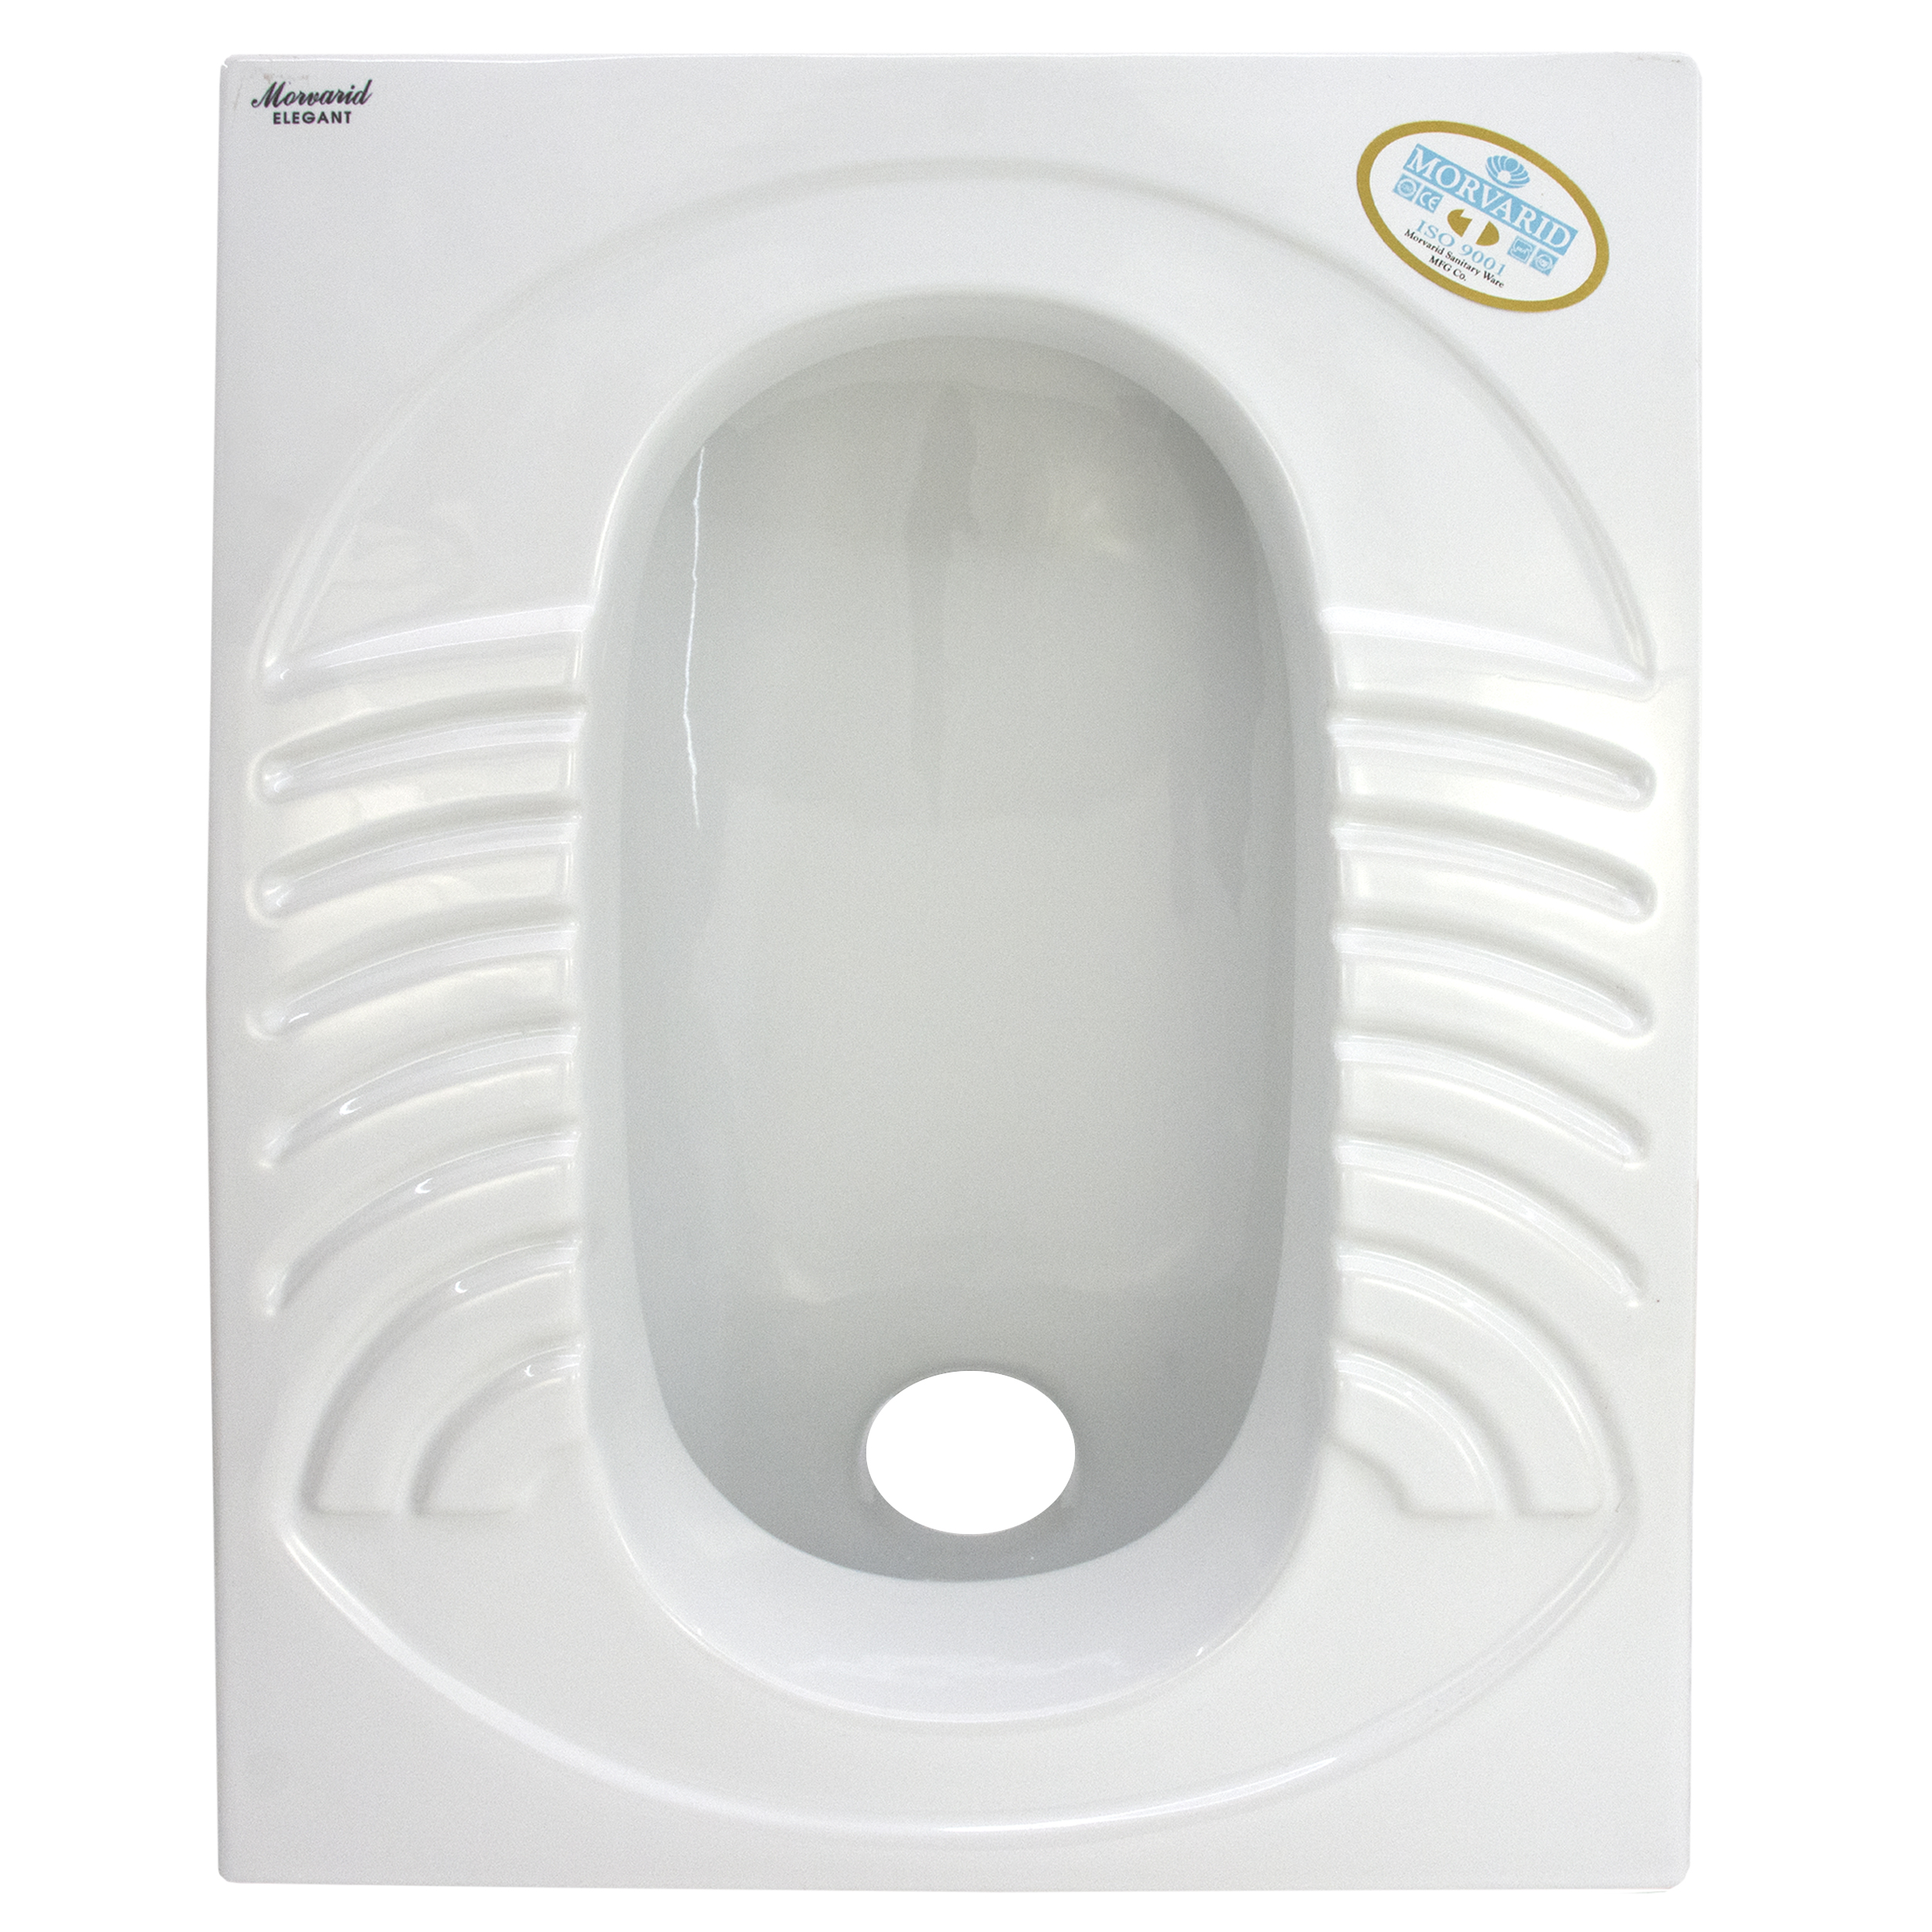 توالت زمینی مروارید مدل الگانت کد F 20